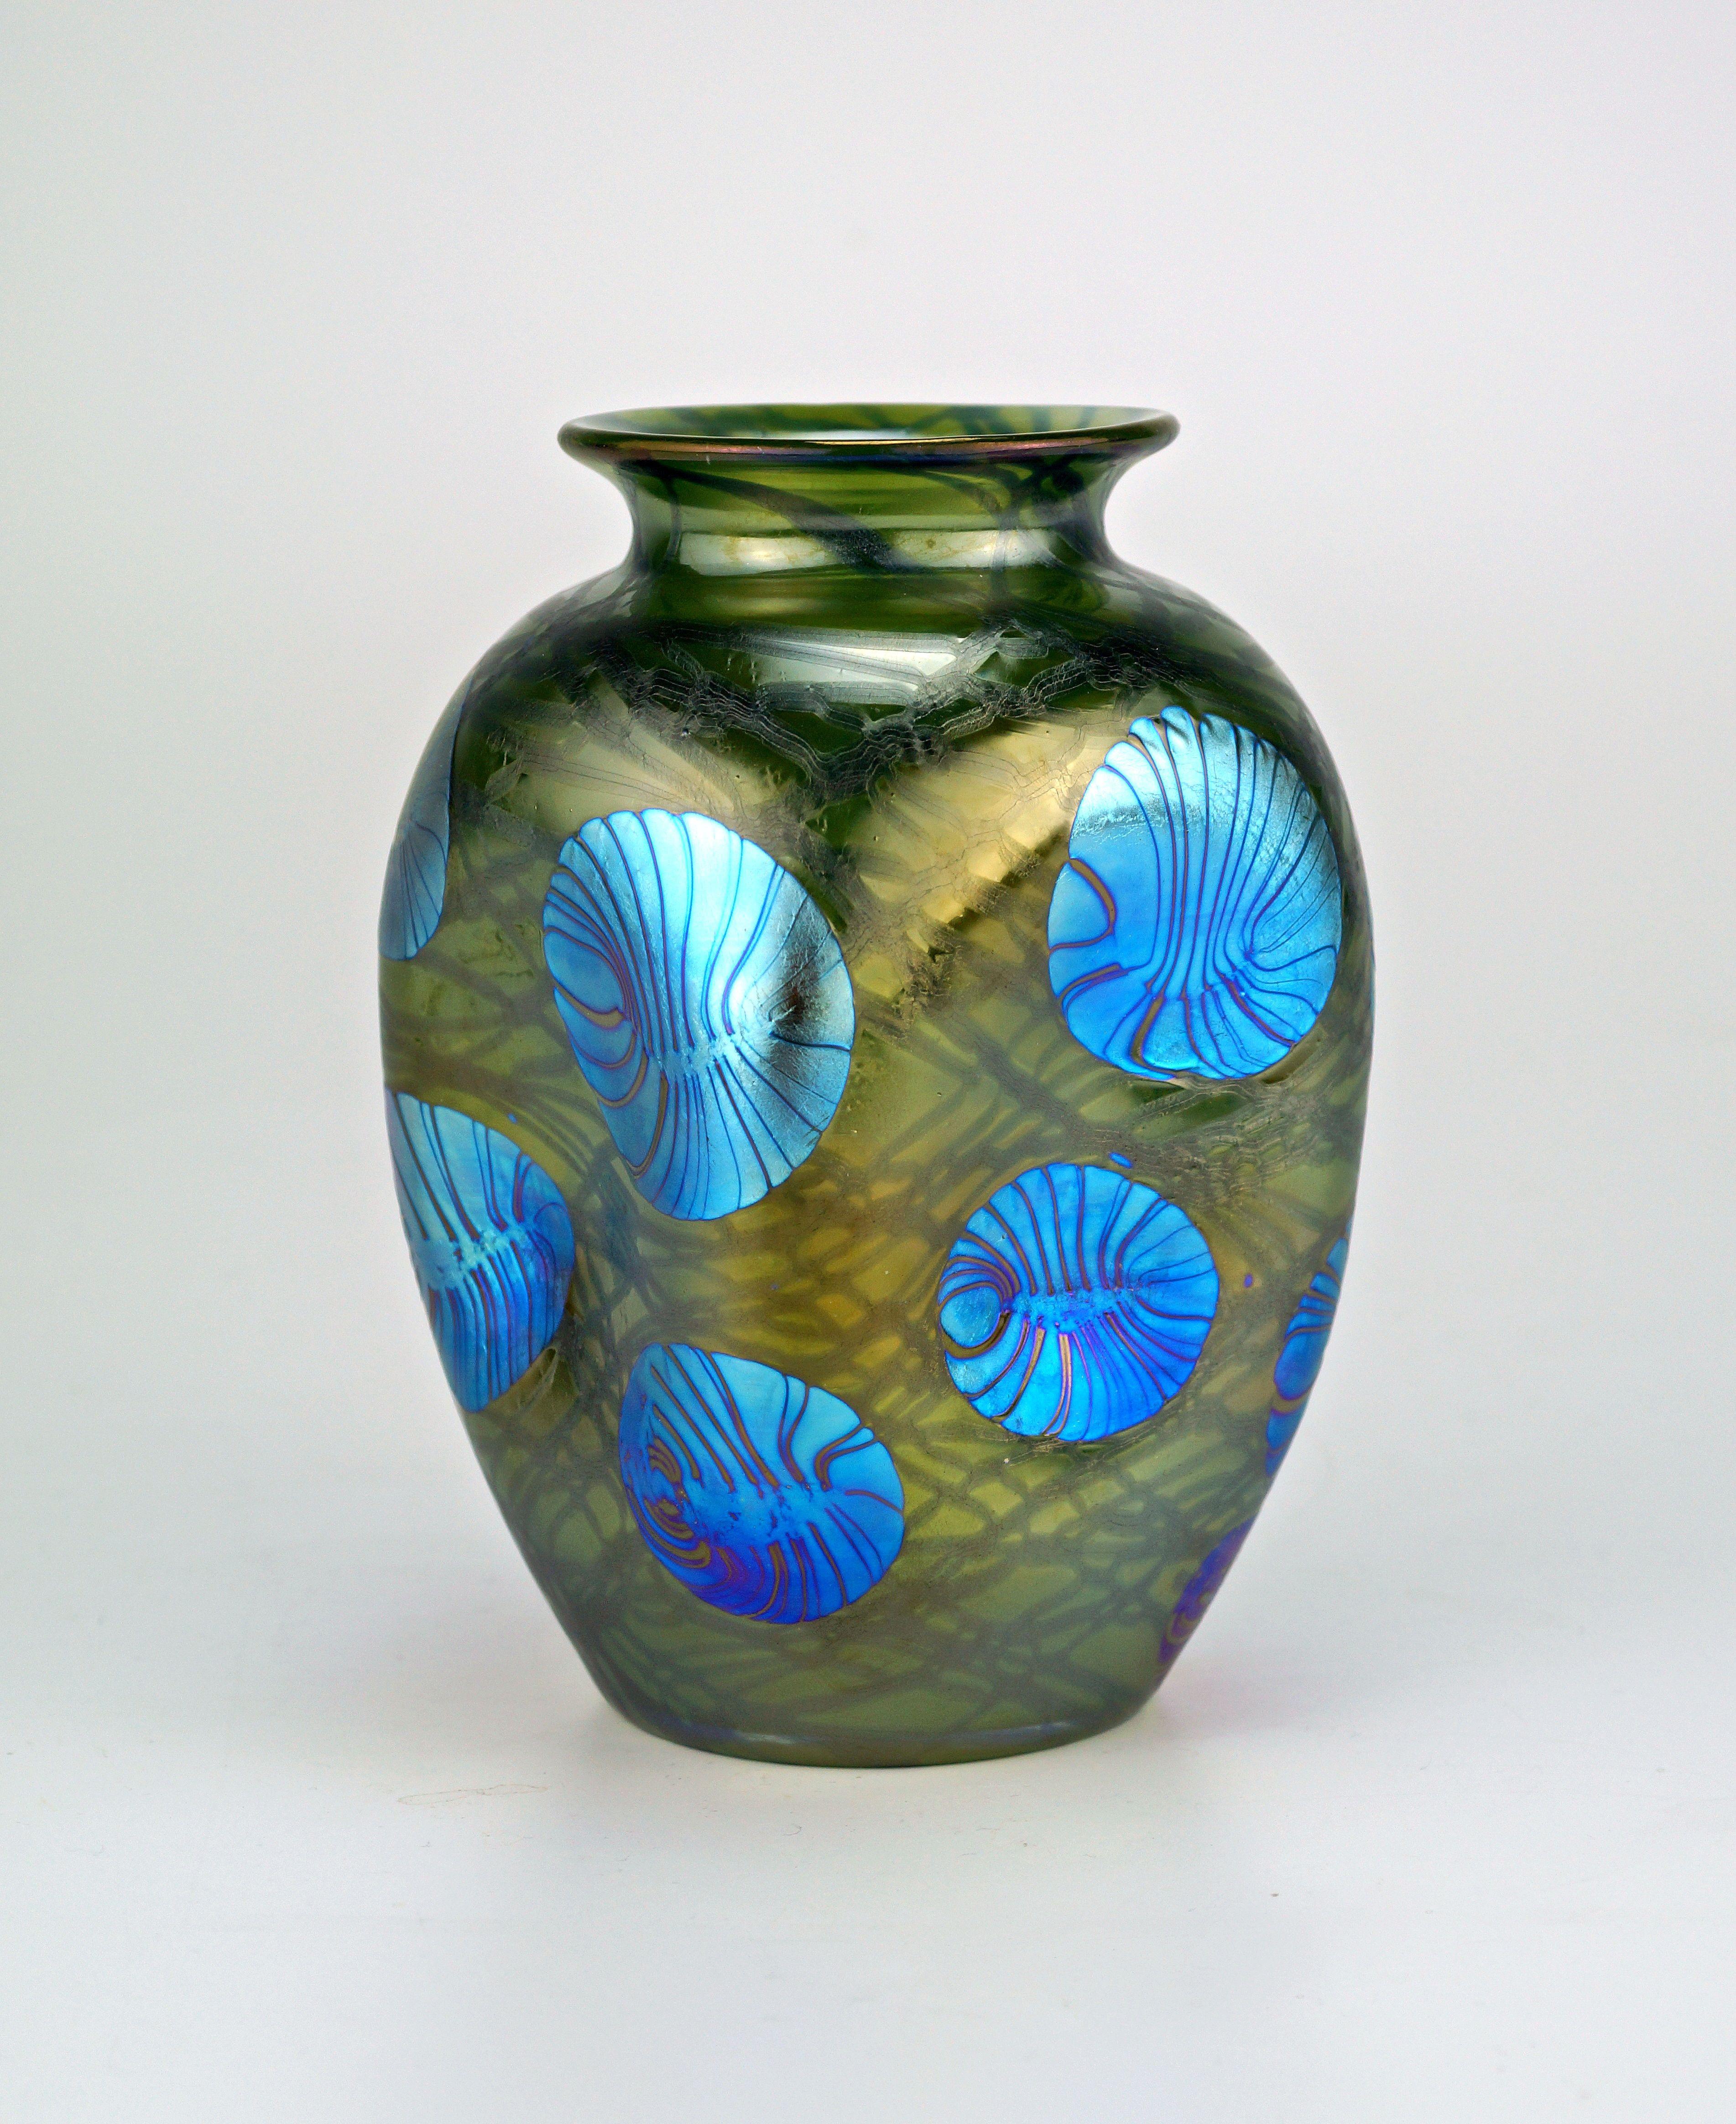 azure blue art glass vase of loetz pha¤nomen genre 1 215 signed jarrones pinterest glass art regarding glass art a· loetz pha¤nomen genre 1 215 signed